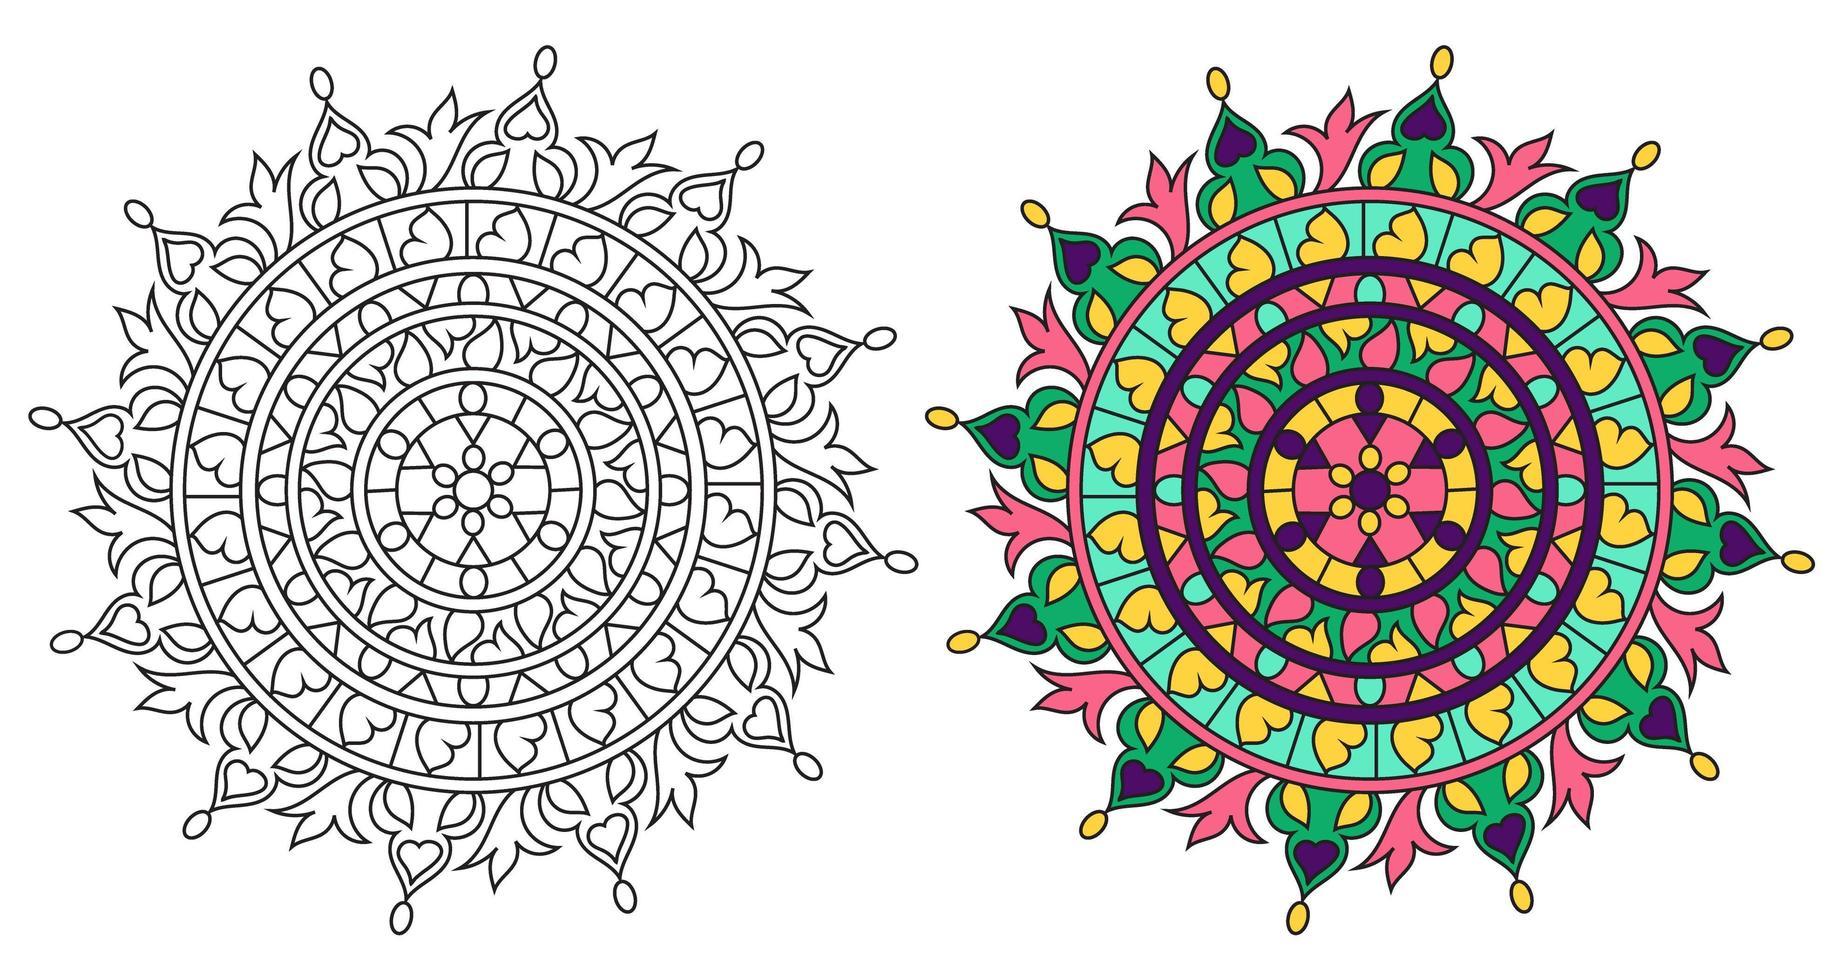 página do livro para colorir desenho de mandala para colorir decorativo arredondado vetor